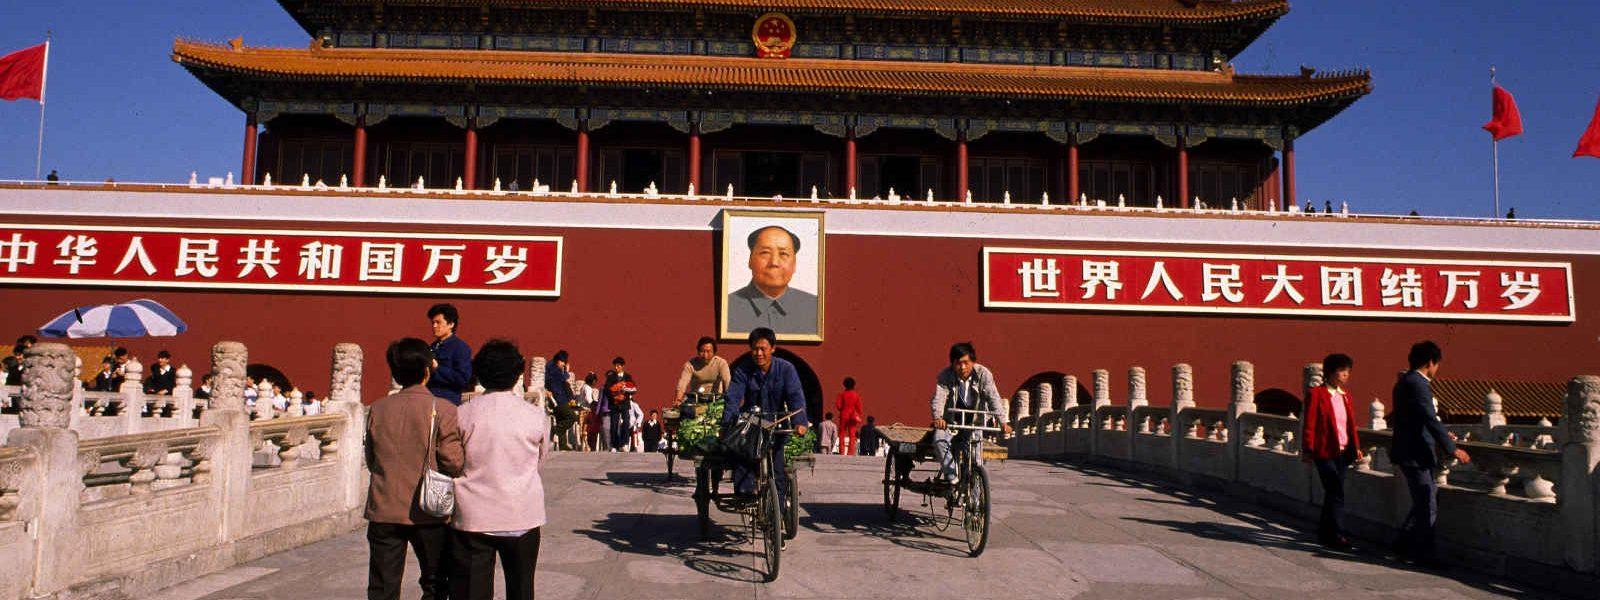 Vélos sur la place Tian'anmen à Pékin (Beijing), Chine